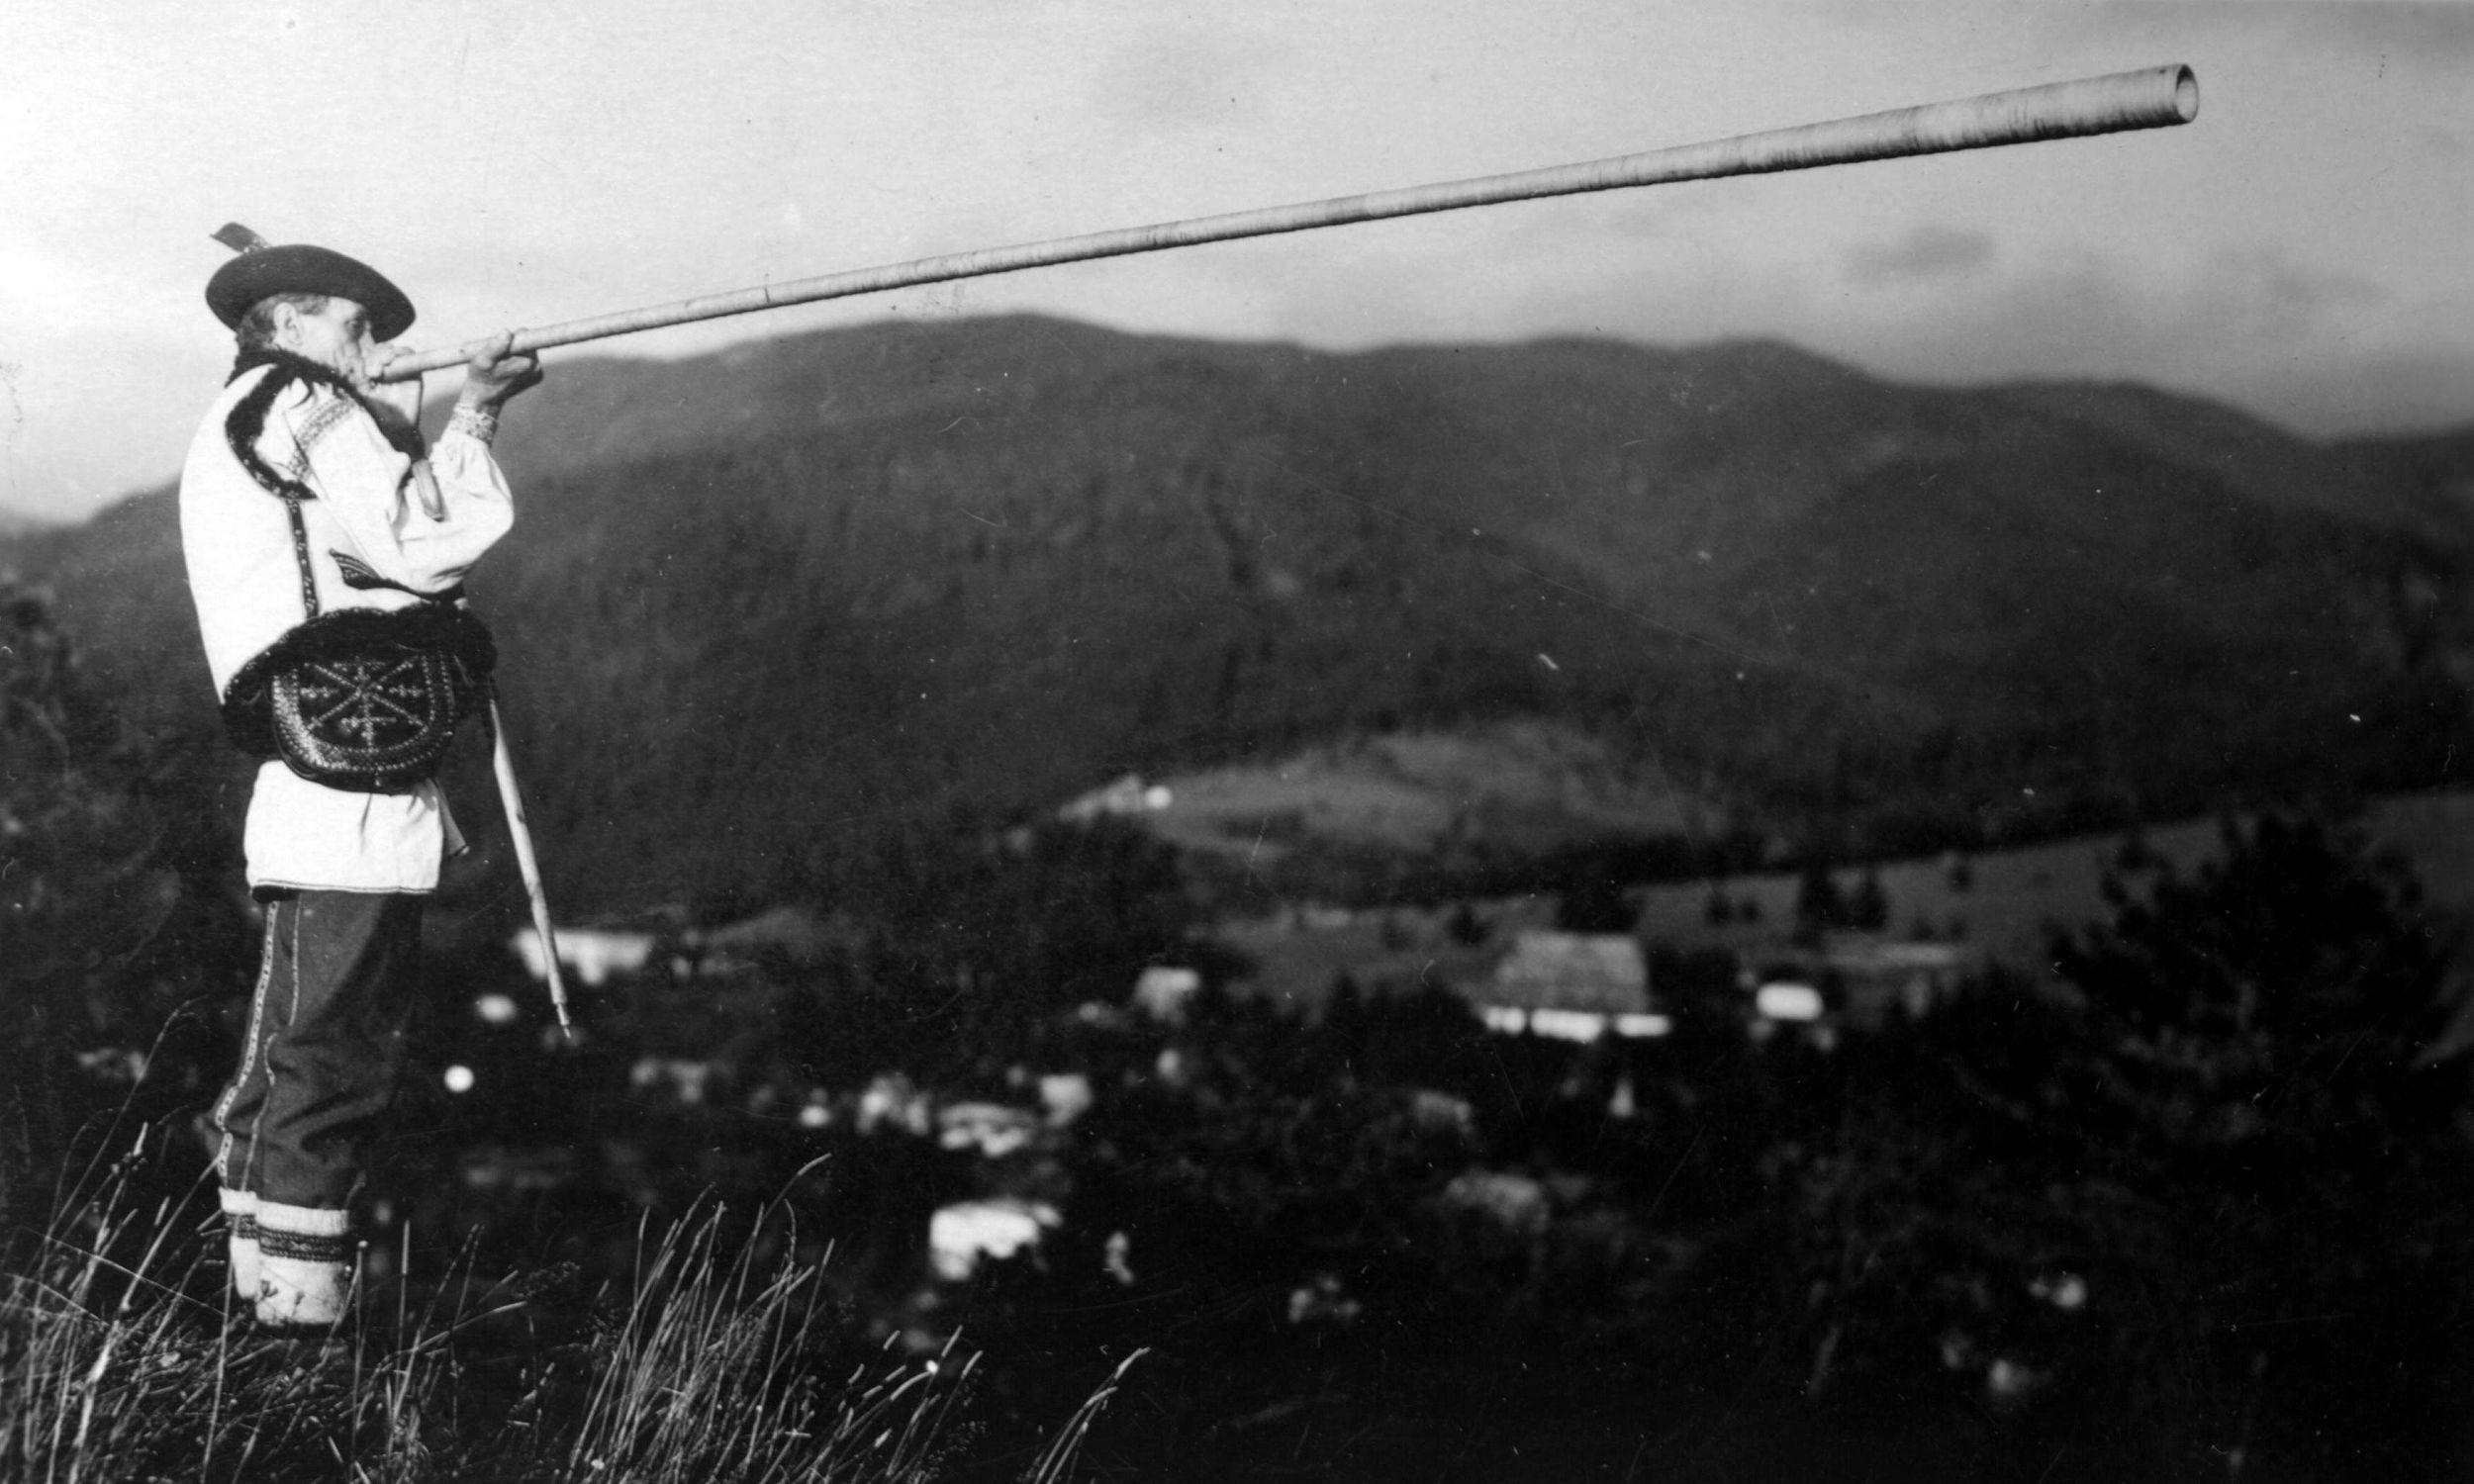 Hucuł grający na trombicie, 1937 rok. Fot. NAC/Ilustrowany Kurier Codzienny